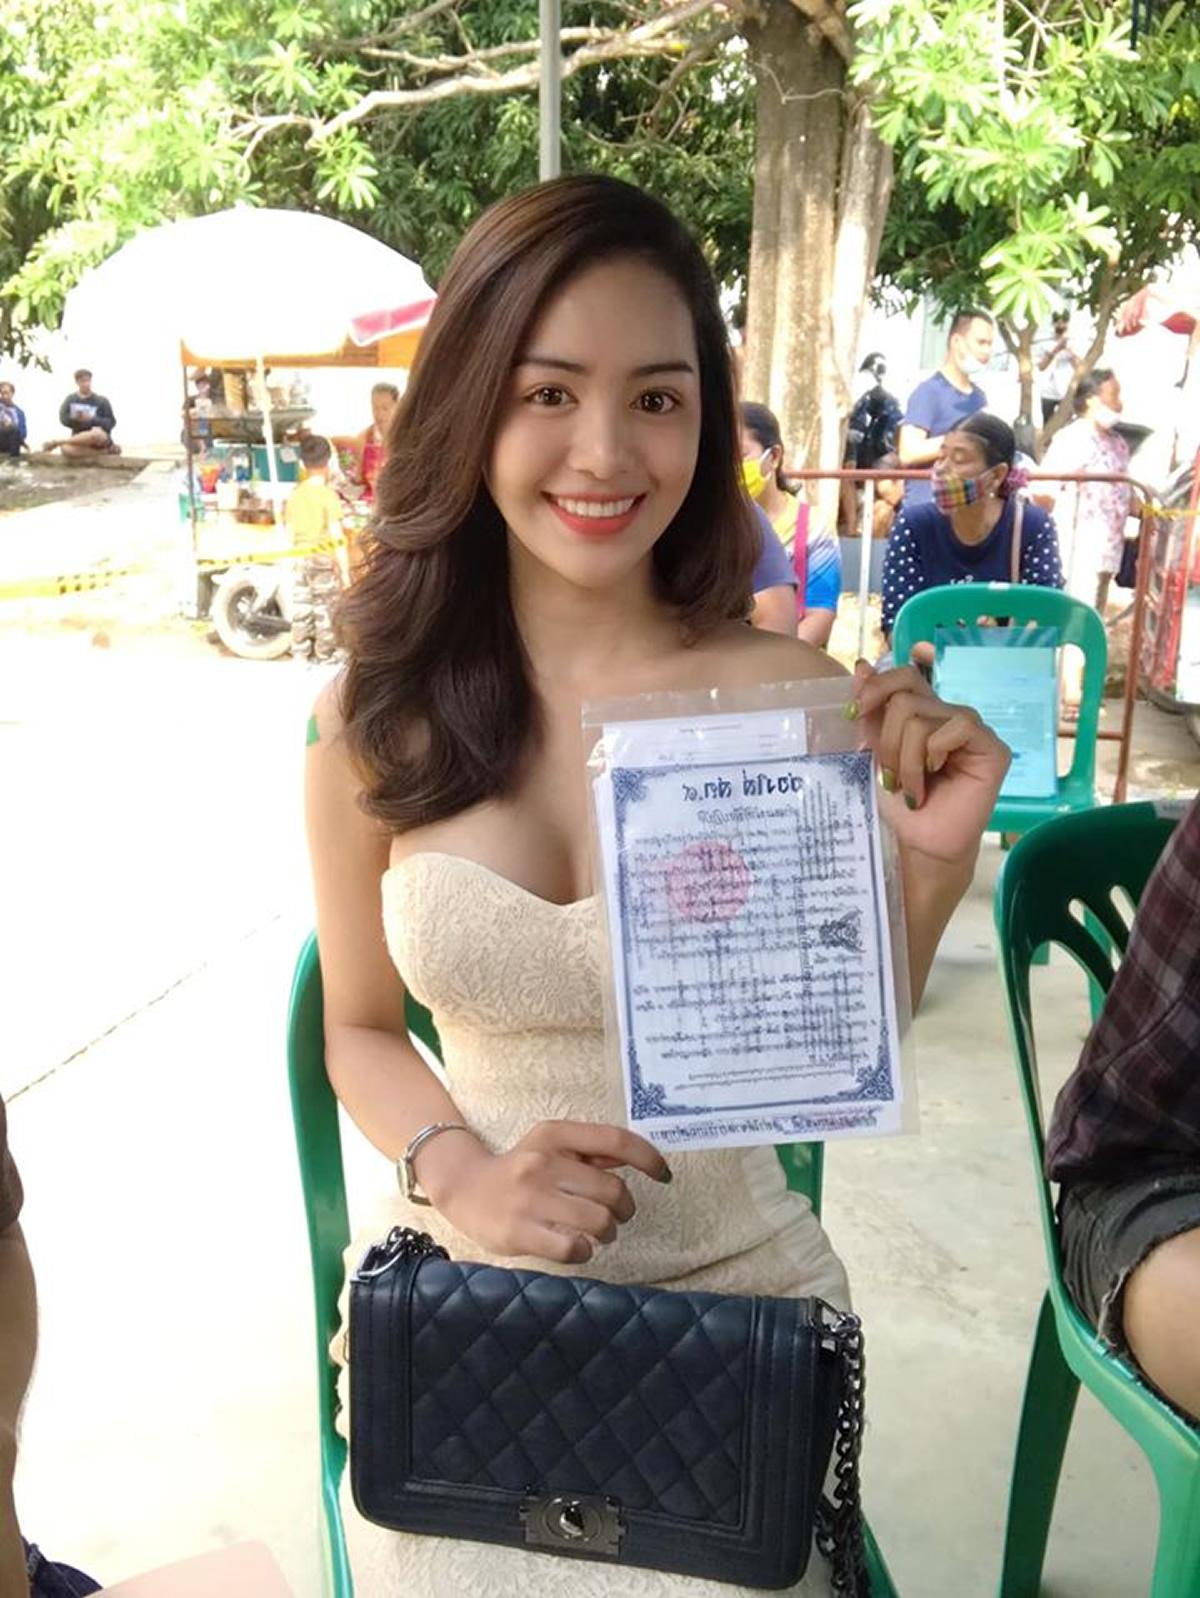 初日からナンバーワン級の美女ニューハーフが不合格~タイの徴兵検査2020がスタート